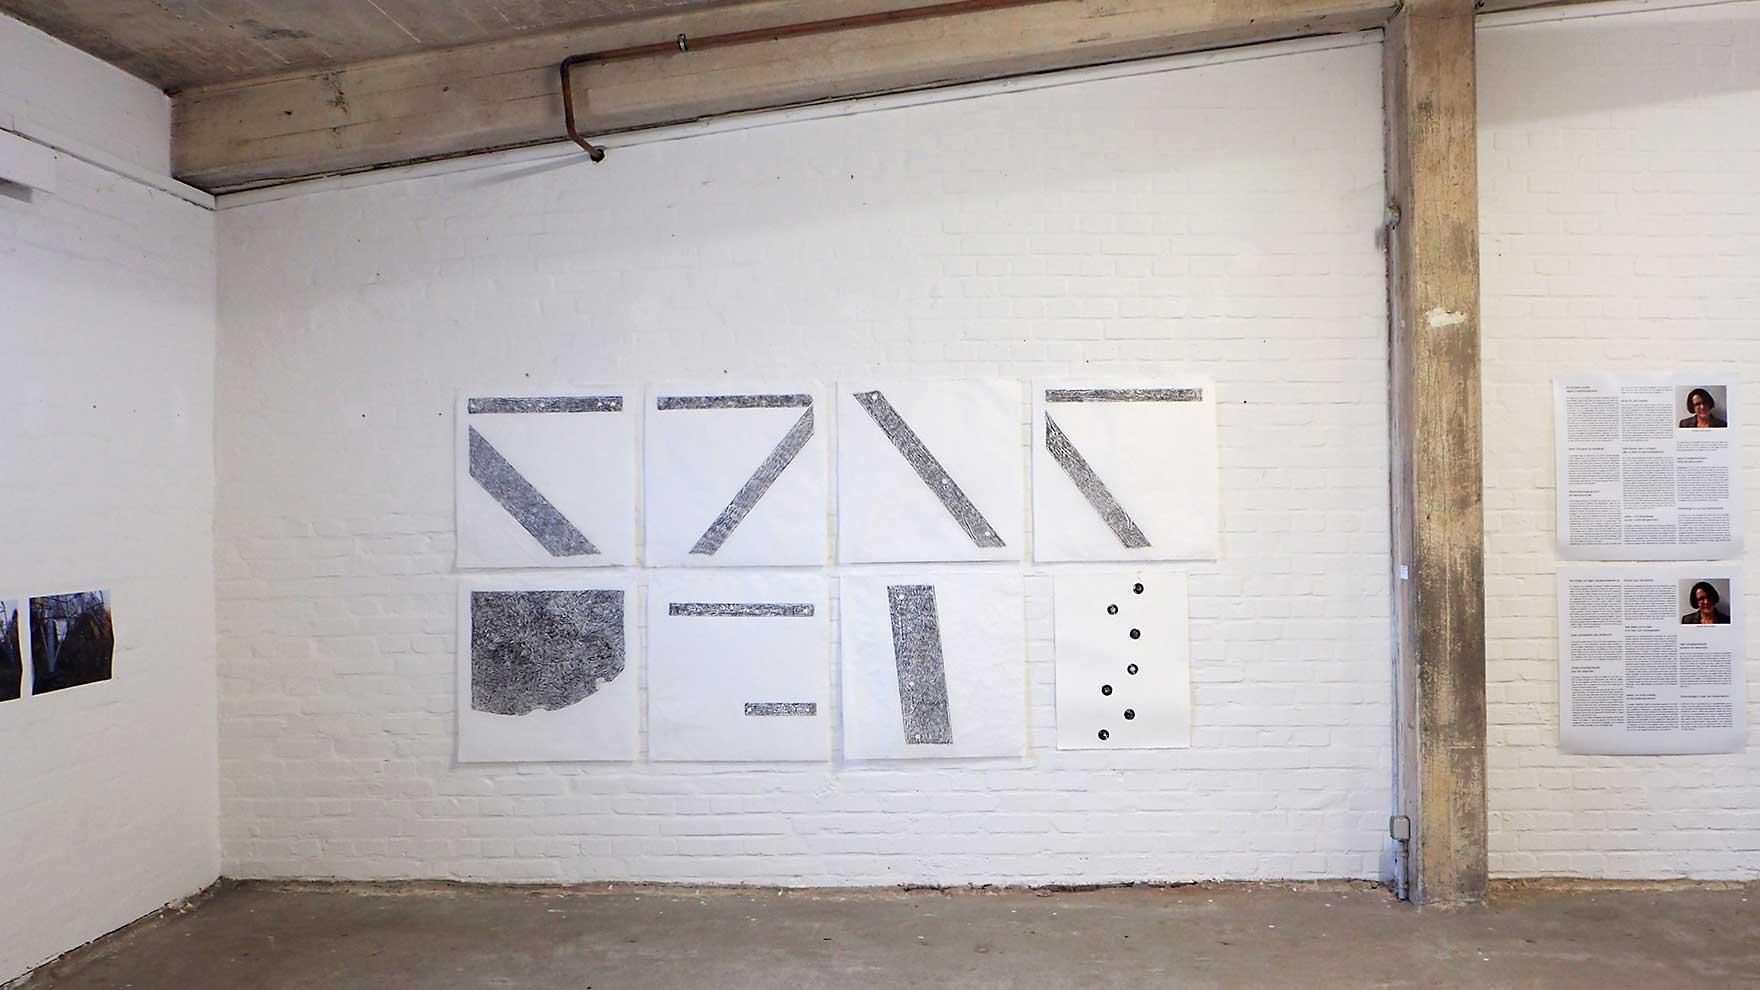 stroom Enschede - expositie in Kulturspeicher Dörenthe; frottages op wenzhou, inktdruk op ertspapier, foto's en intervieuwteksten